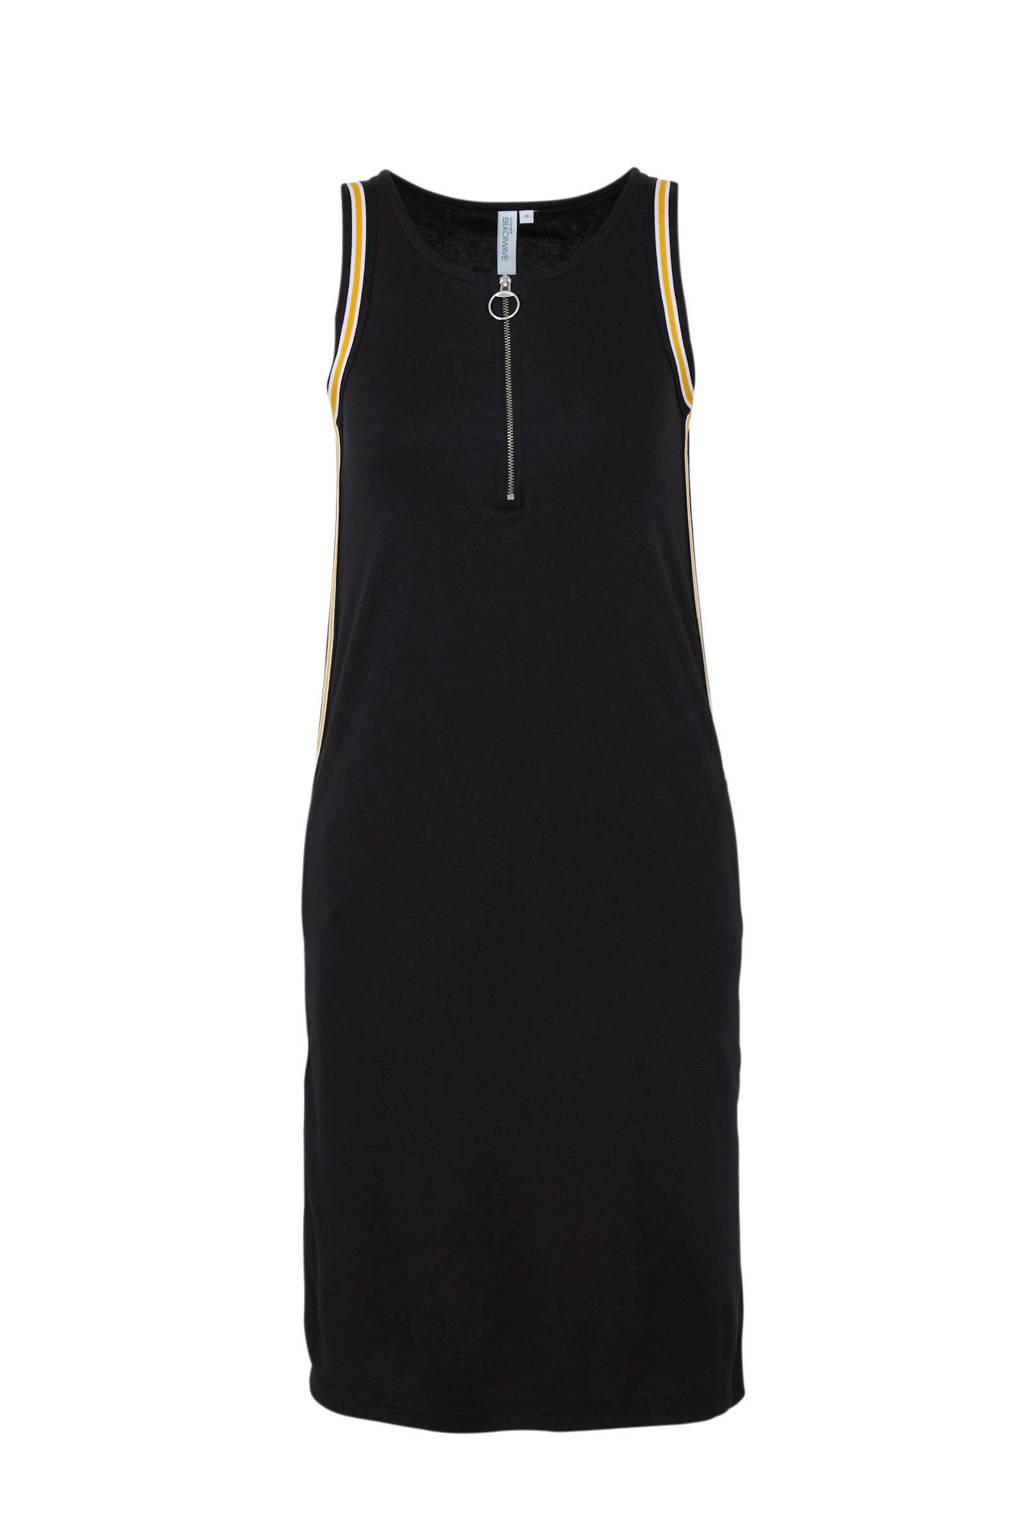 whkmp's beachwave jurk met zijnaadbies, Zwart